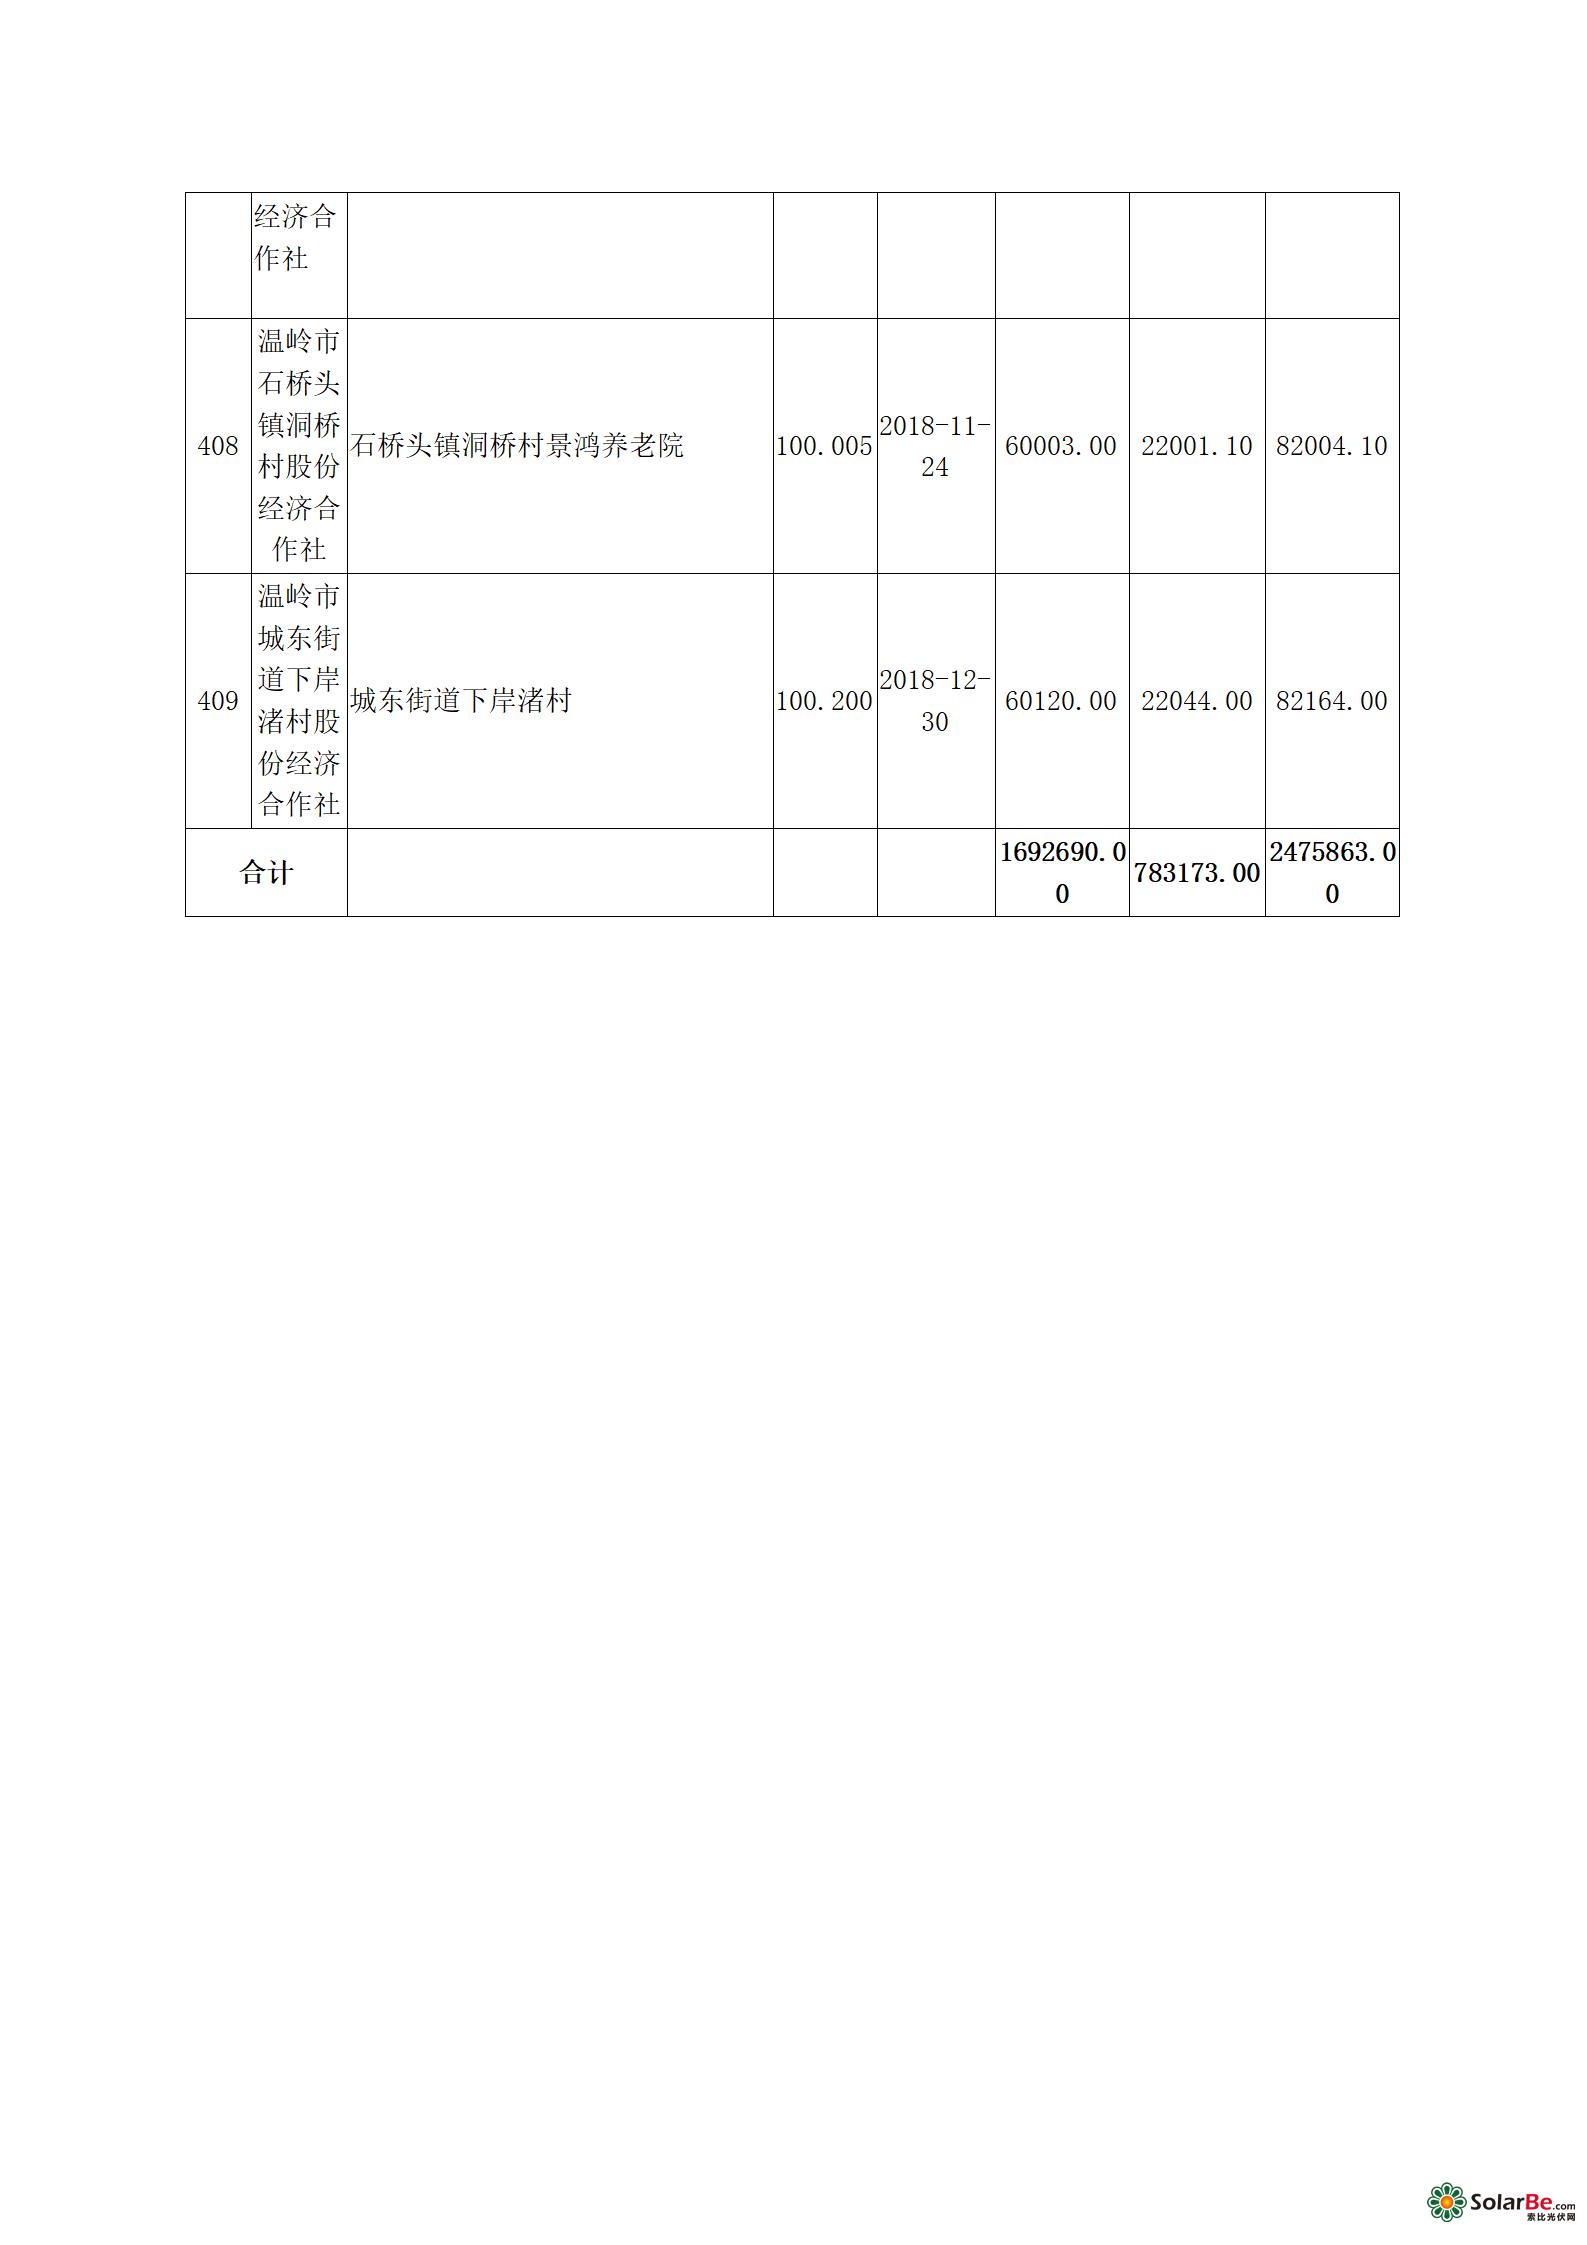 关于家庭及村集体屋顶分布式光伏补助名单(第一批)+公示_20.png